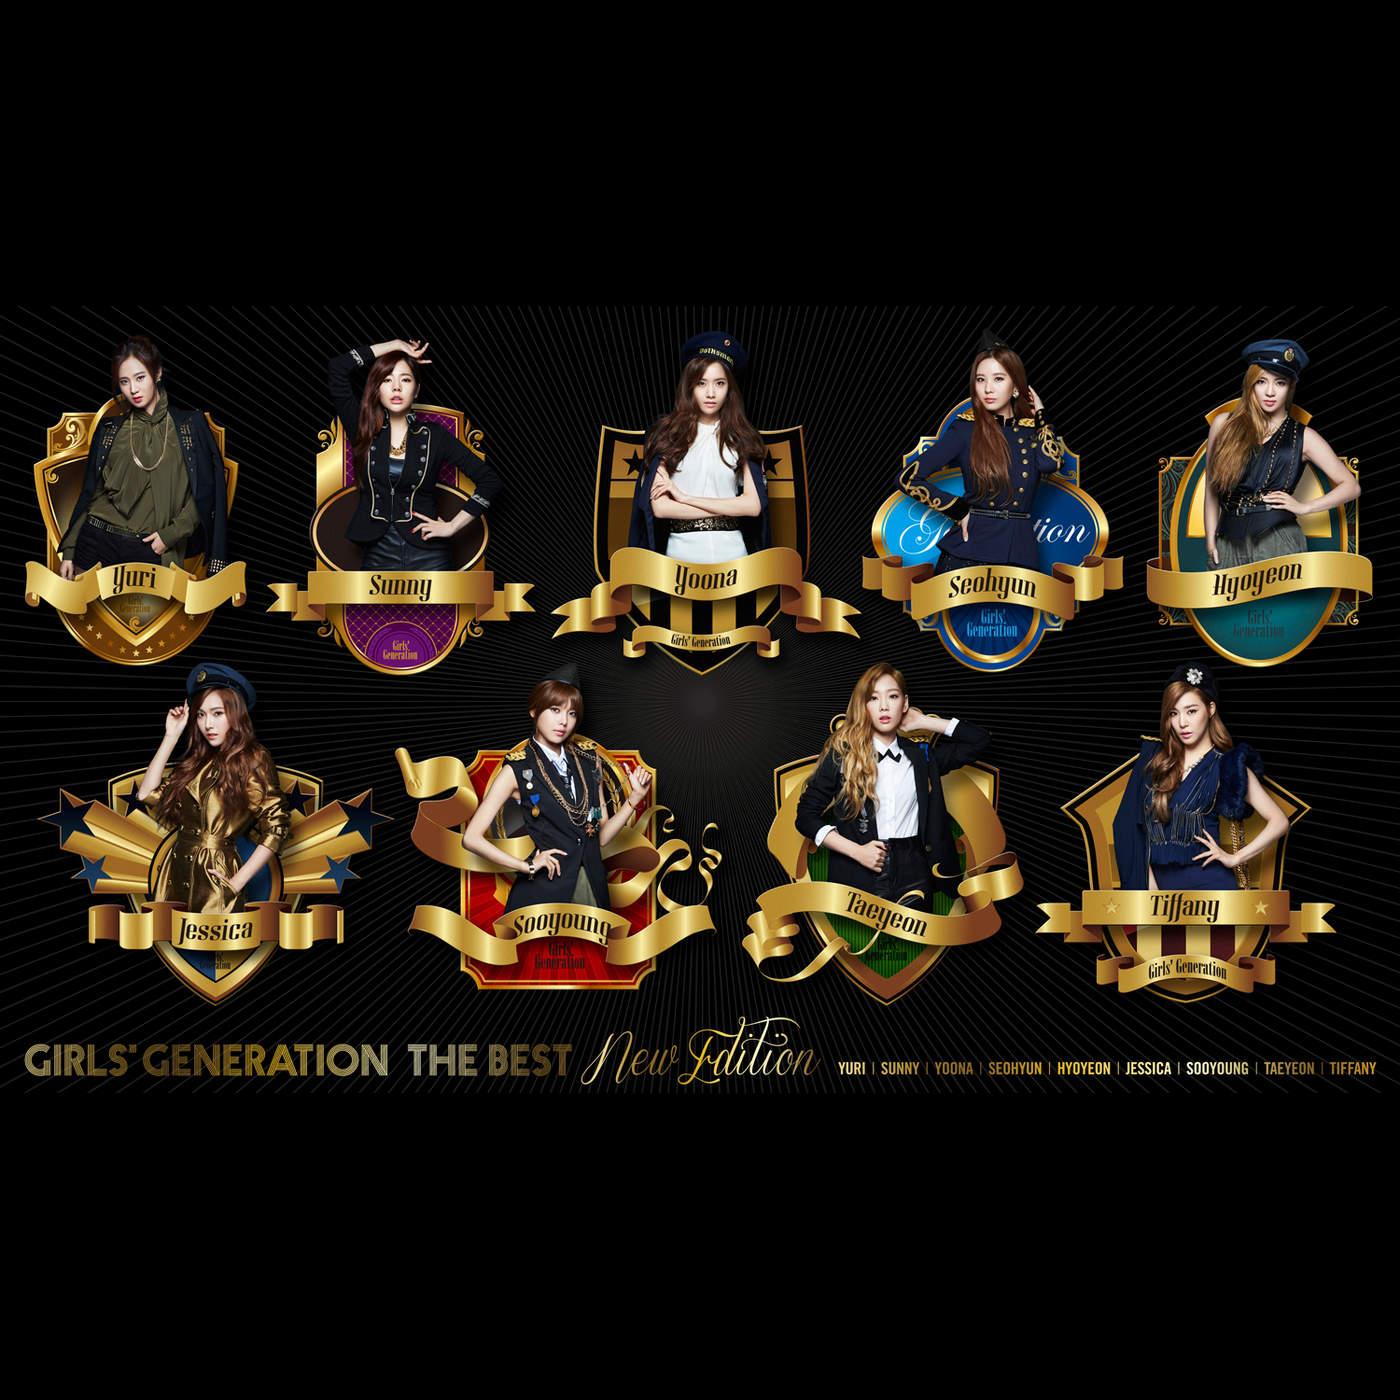 少女时代 - The Best (New Edition)